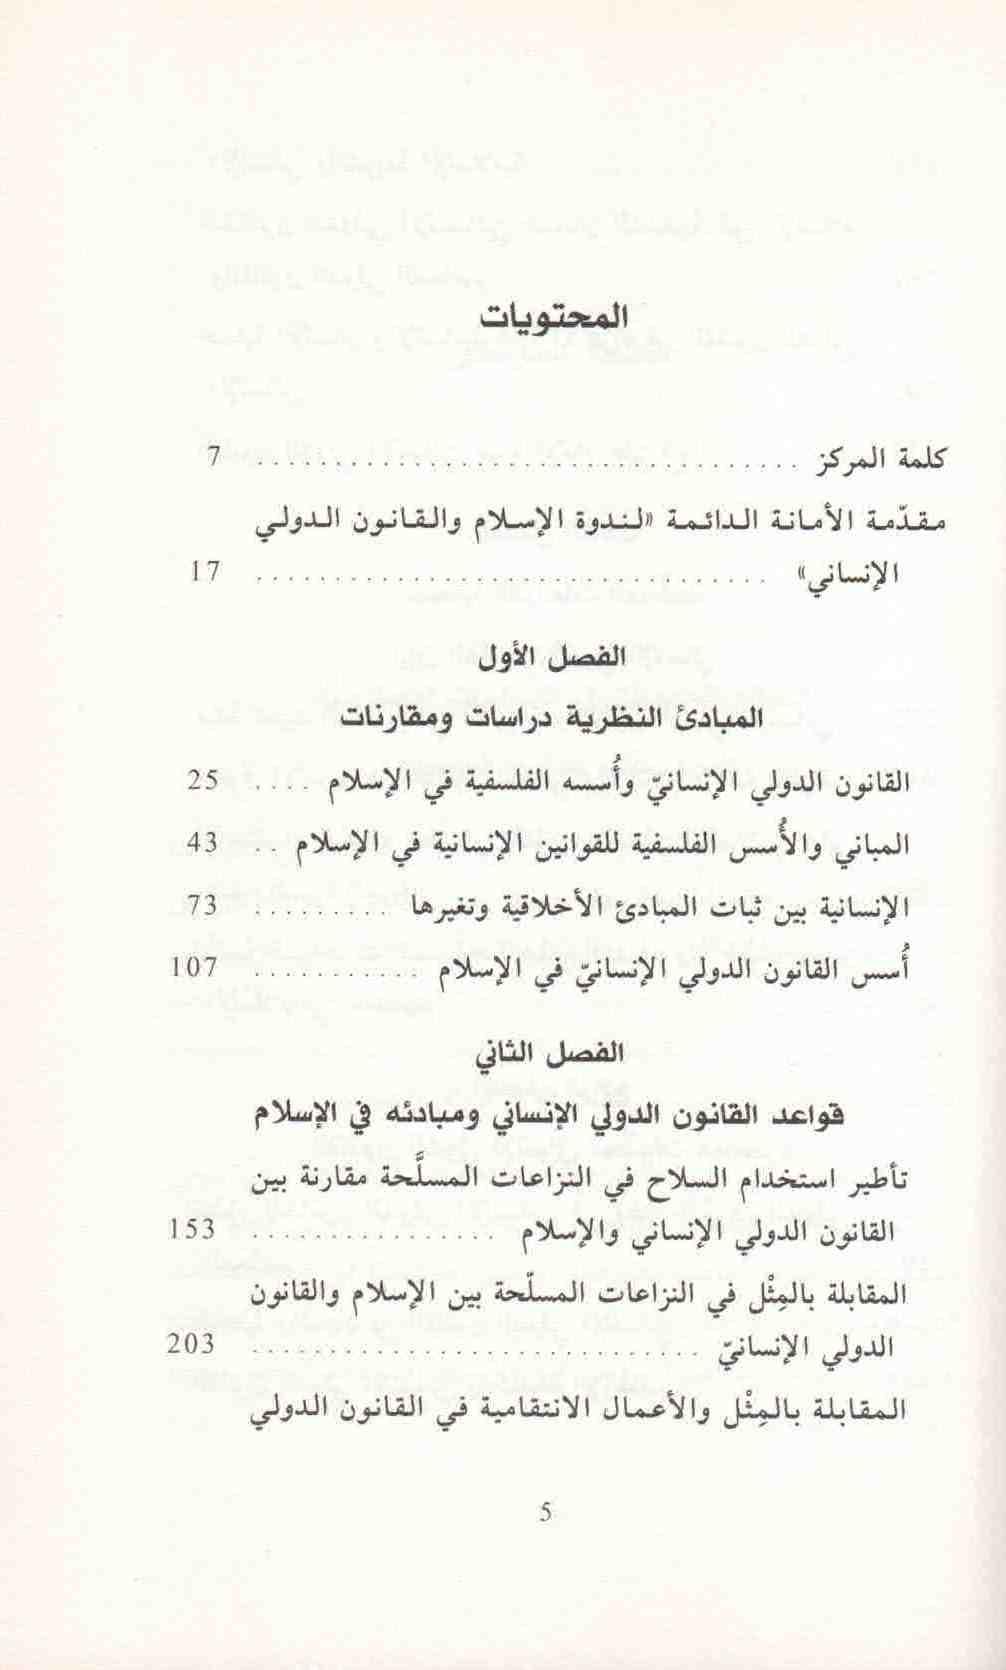 ص 5 محتويات كتاب الإسلام والقانون الدولي